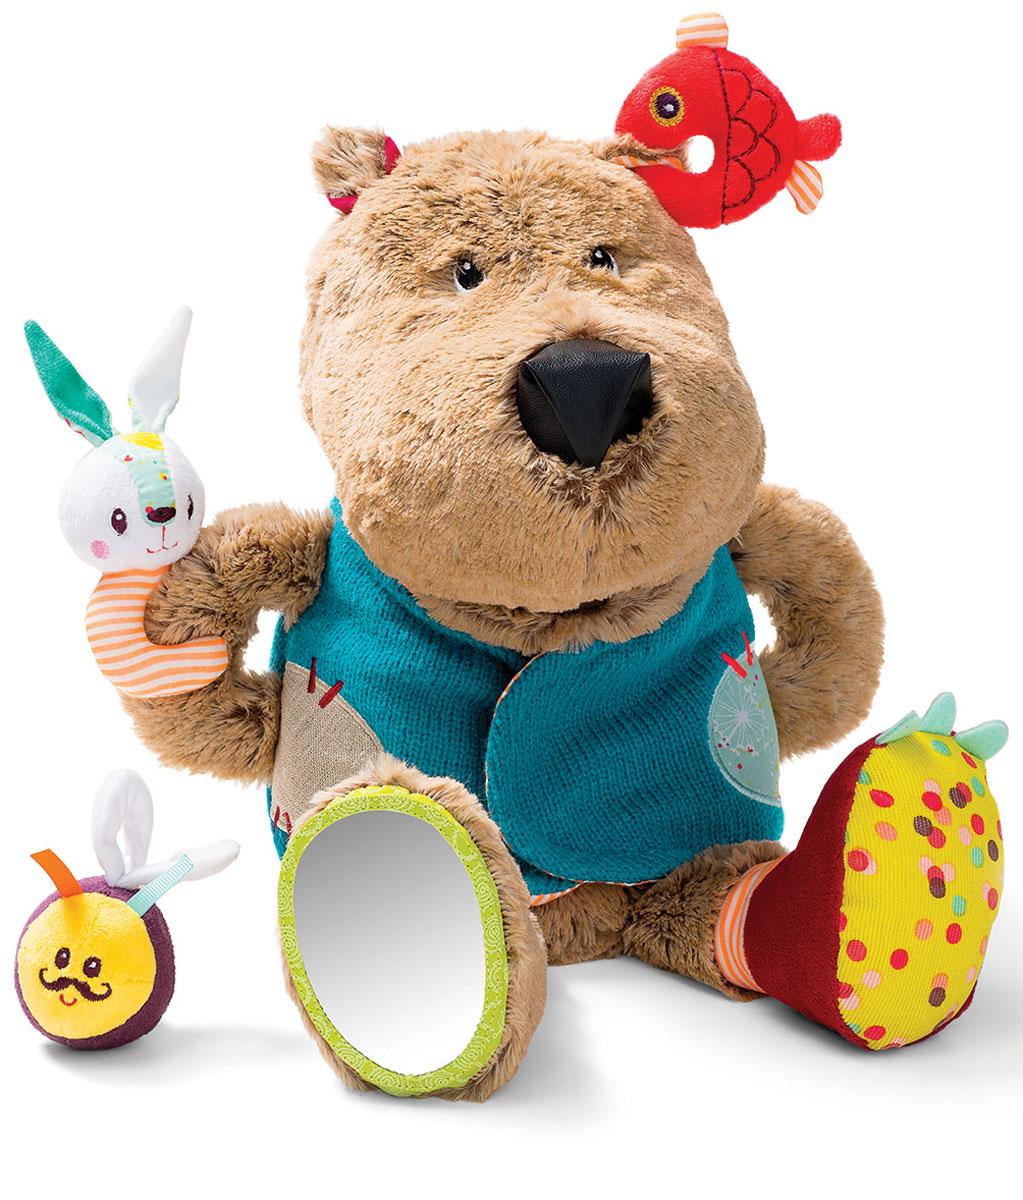 Lilliputiens Развивающая игрушка Медвежонок Цезарь